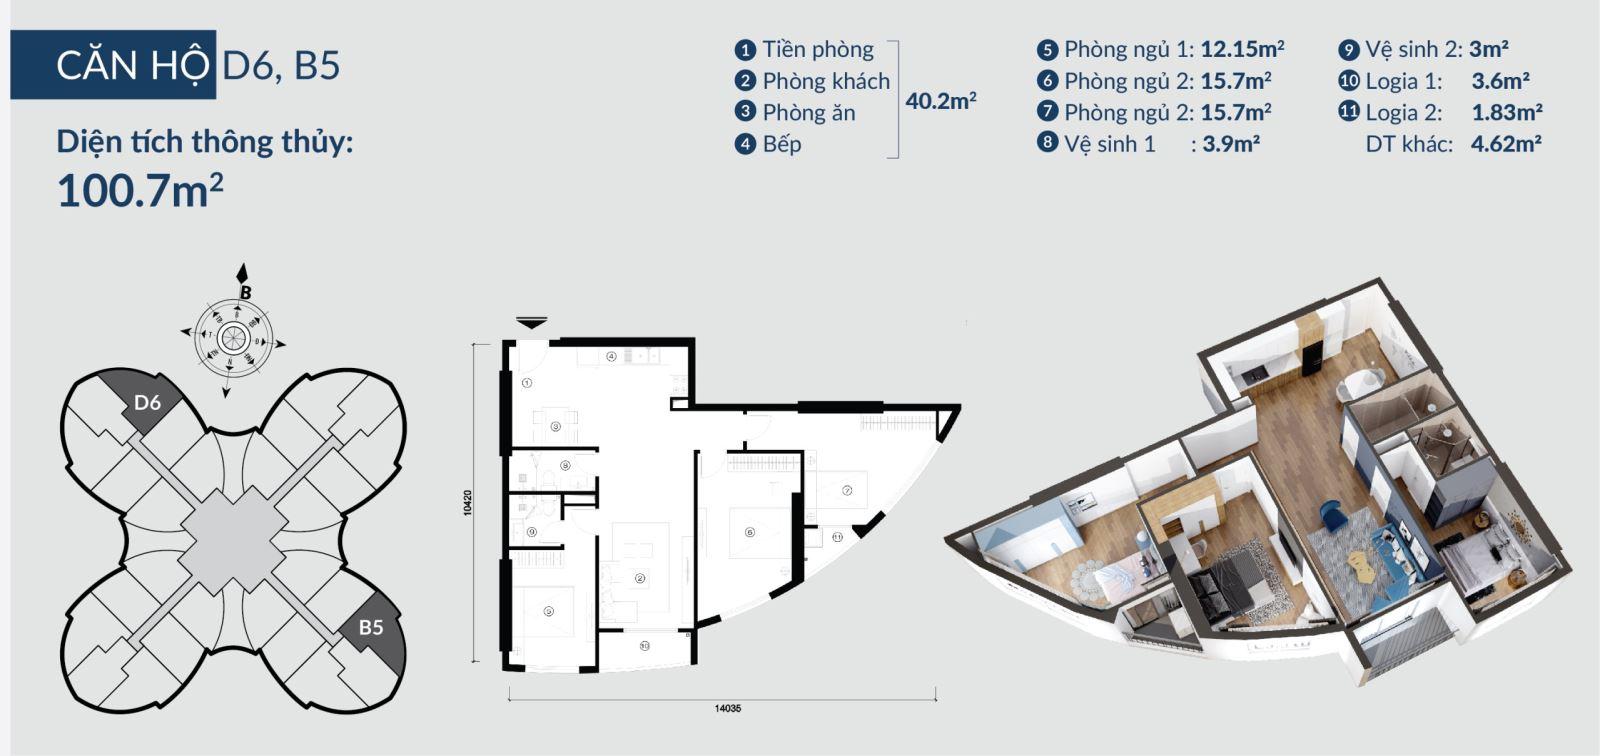 Chi tiết căn hộ Skyview Plaza 360 Giải Phóng 12